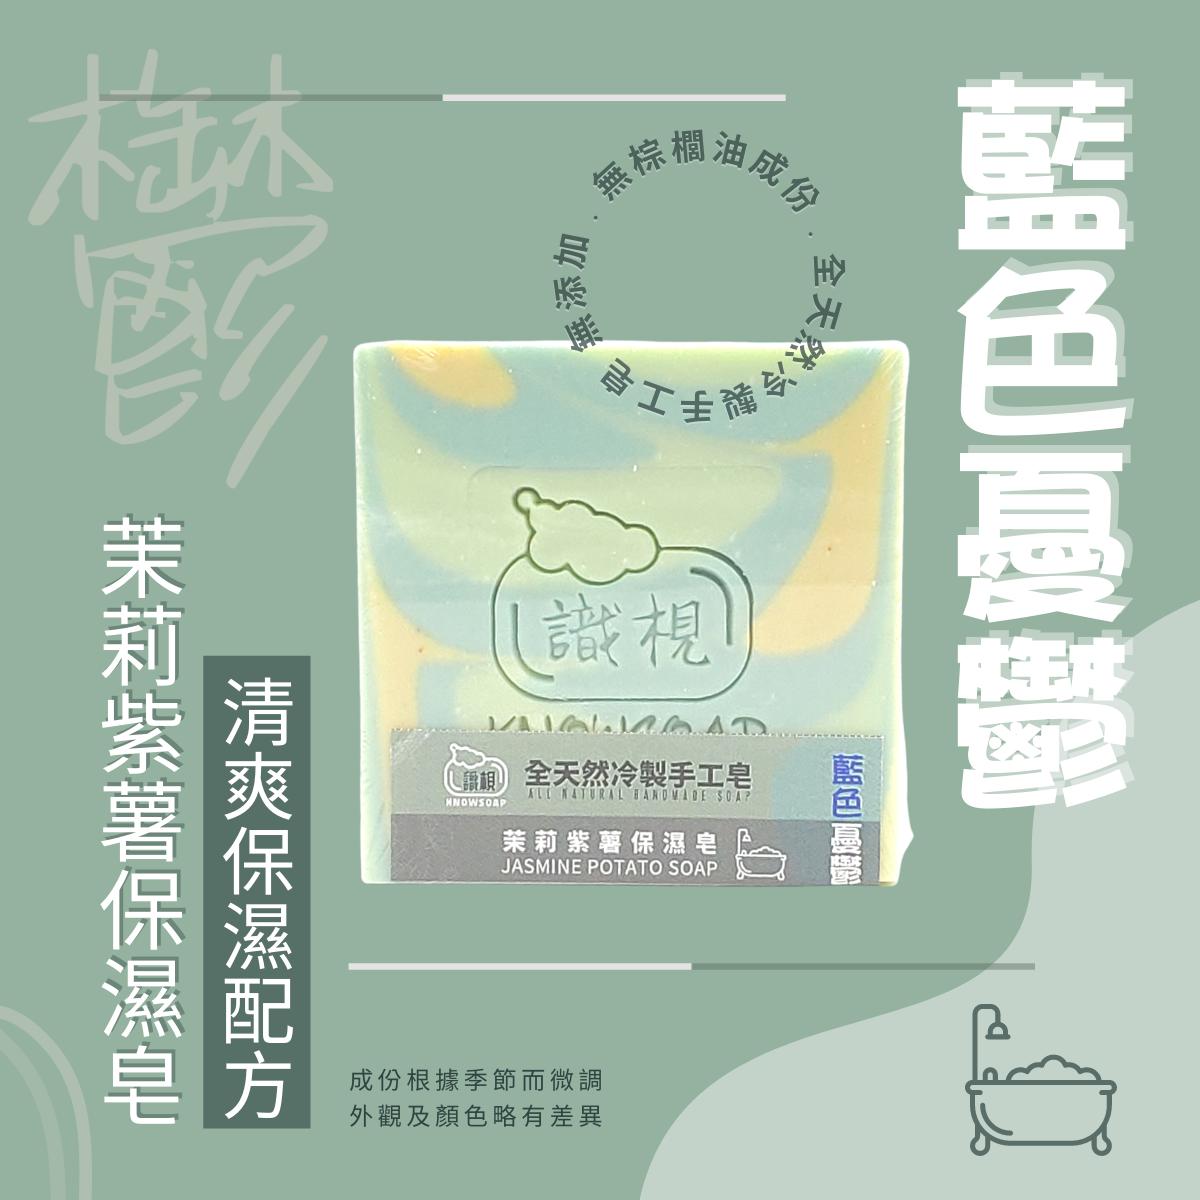 全天然手工皂 100%冷制 handmade soap 【識梘KNOWSOAP】 藍色憂鬱:茉莉紫薯保濕皂 清爽保濕配方BD8004